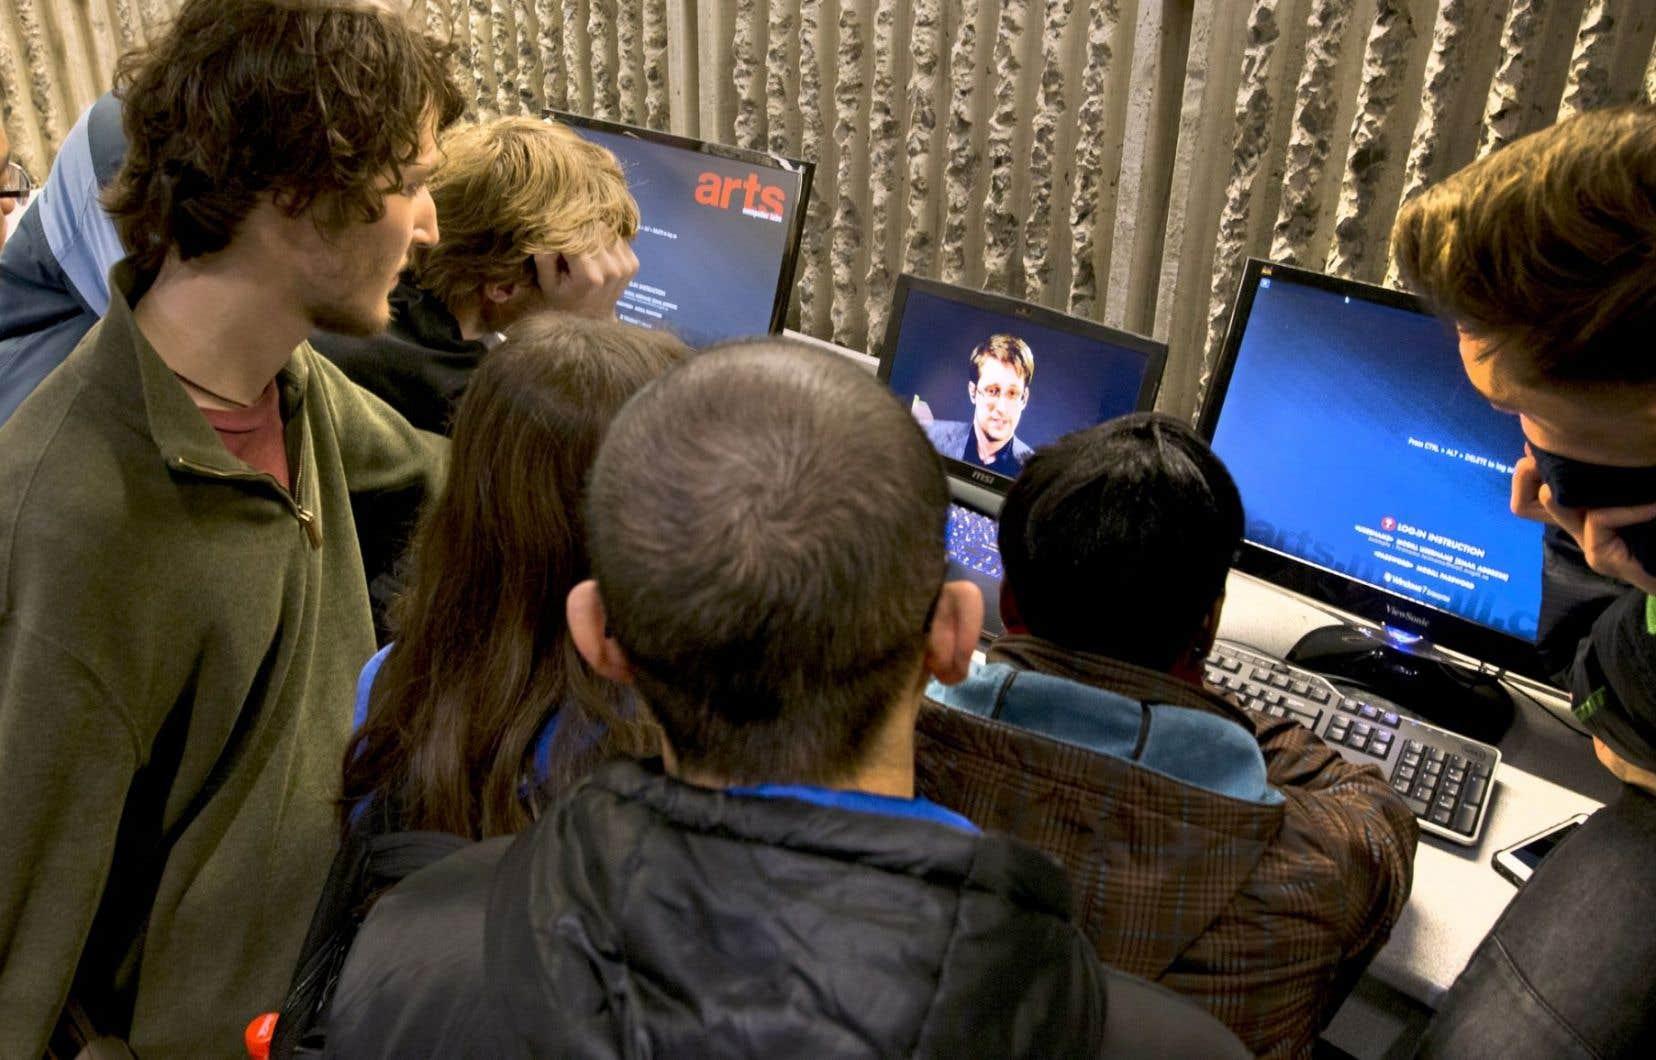 Considéré comme un héros par les groupes de défense des libertés, Edward Snowden est inculpé pour espionnage aux États-Unis, où il risquerait jusqu'à 30 ans de prison.